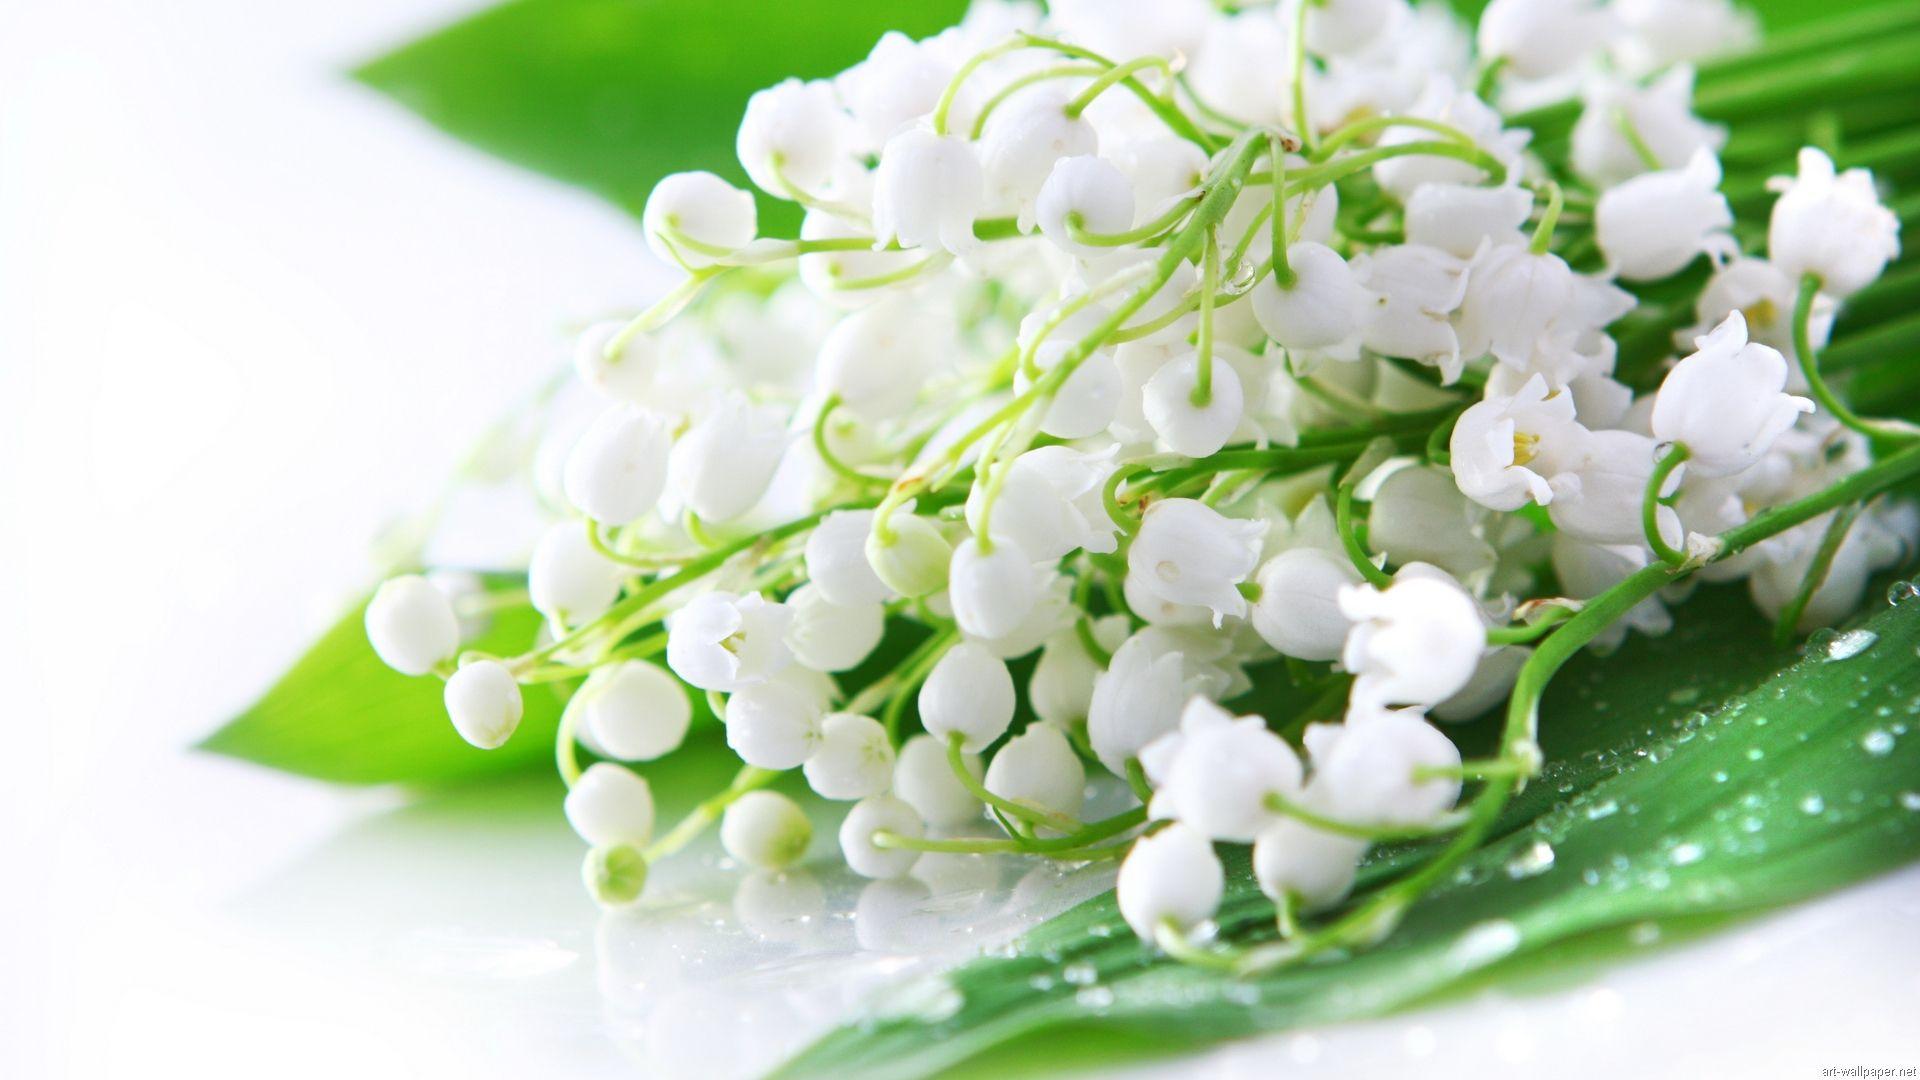 Muguet Flower full hd 1080p wallpaper